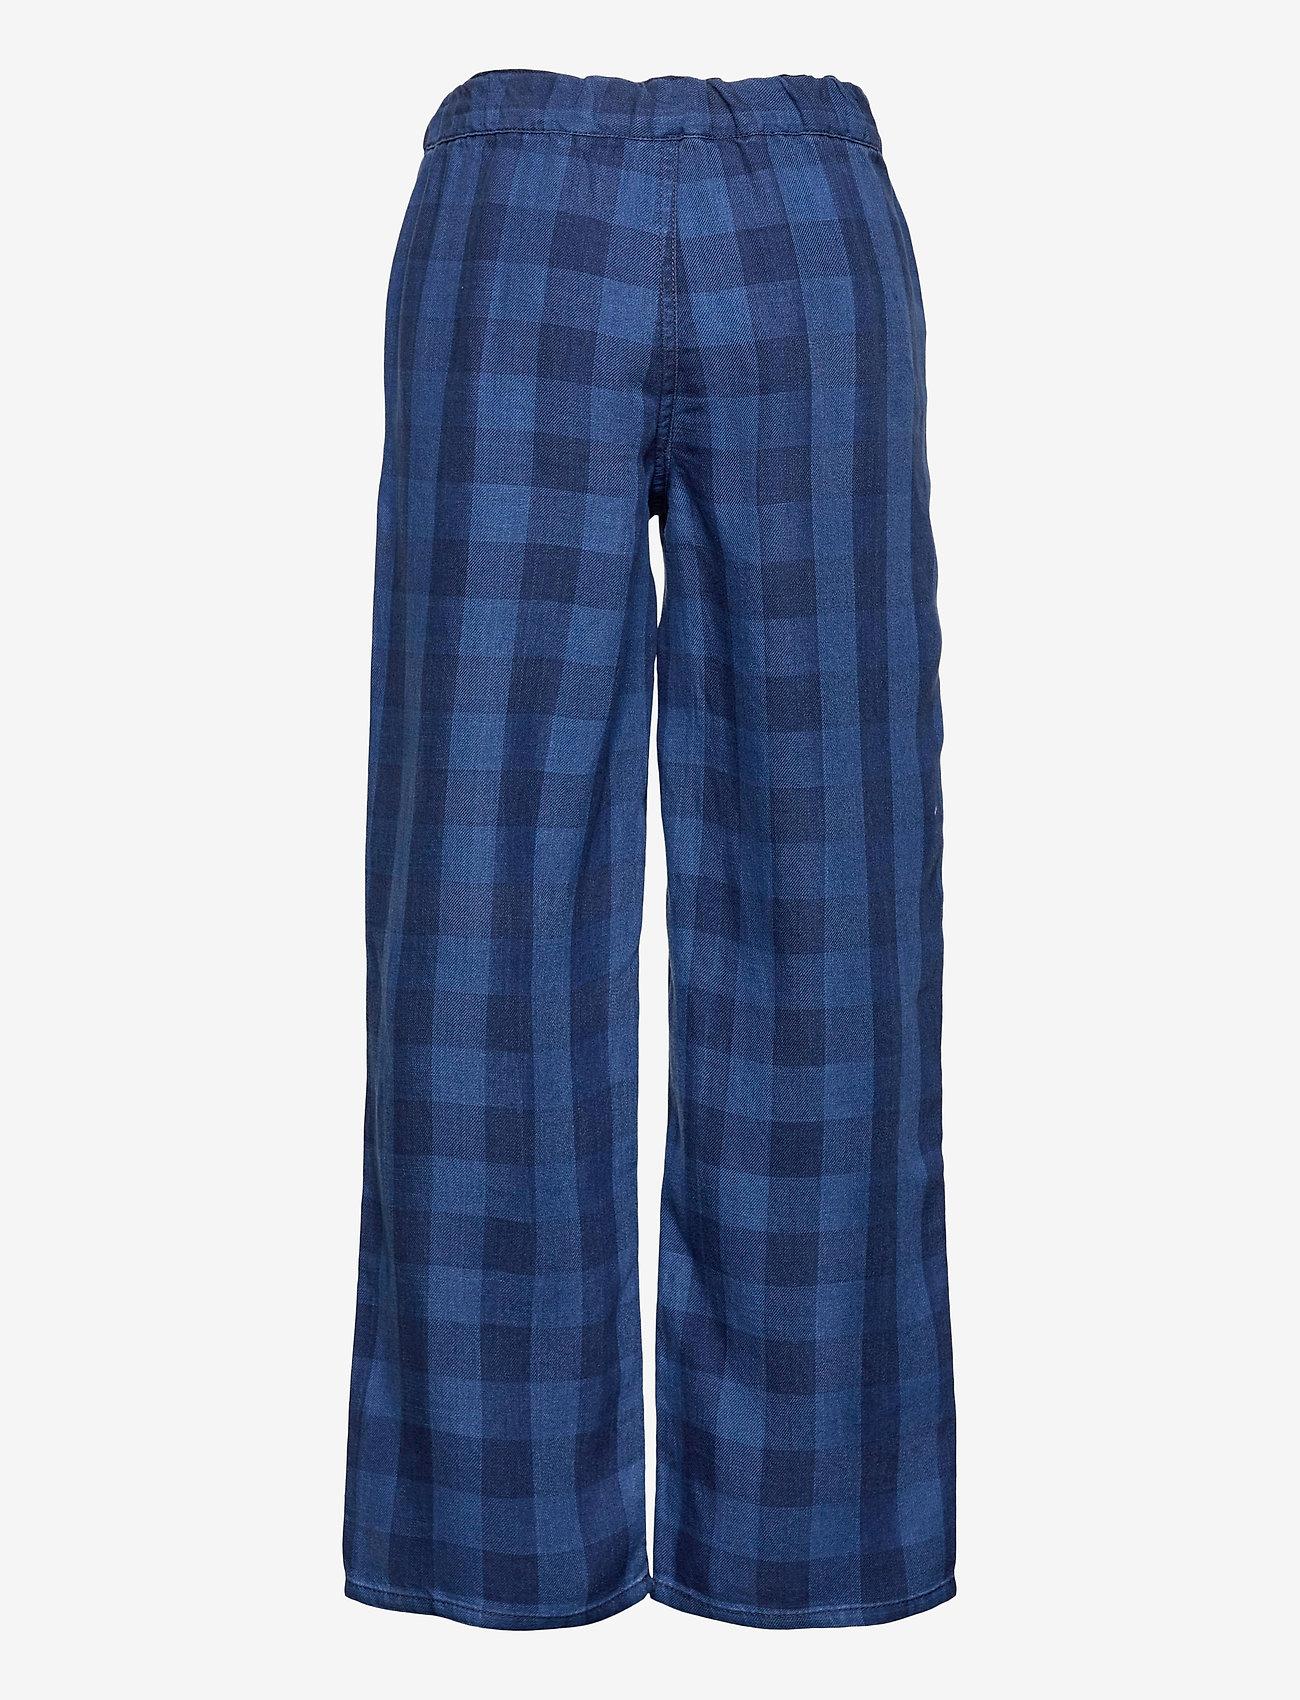 LMTD - NLFSENE DNM  REG CHECK PANT - kleidung - medium blue denim - 1